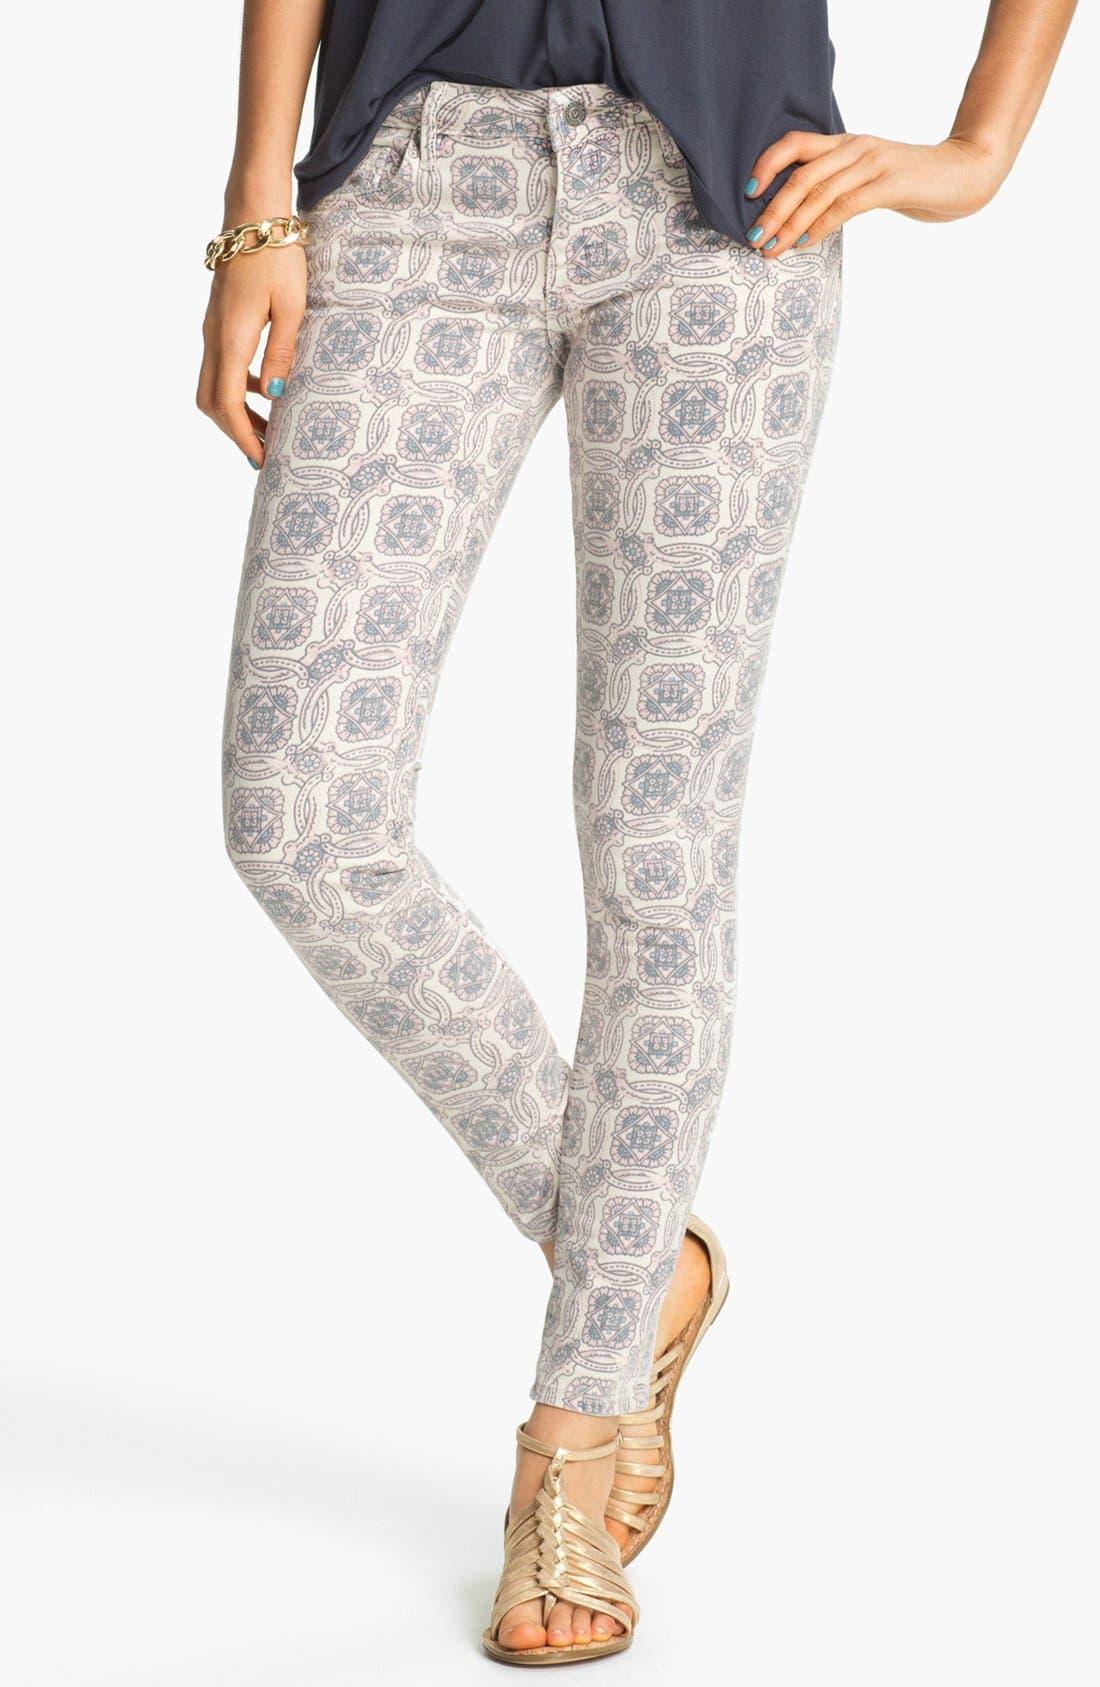 Alternate Image 1 Selected - Vigoss Print Skinny Jeans (Pink) (Juniors)